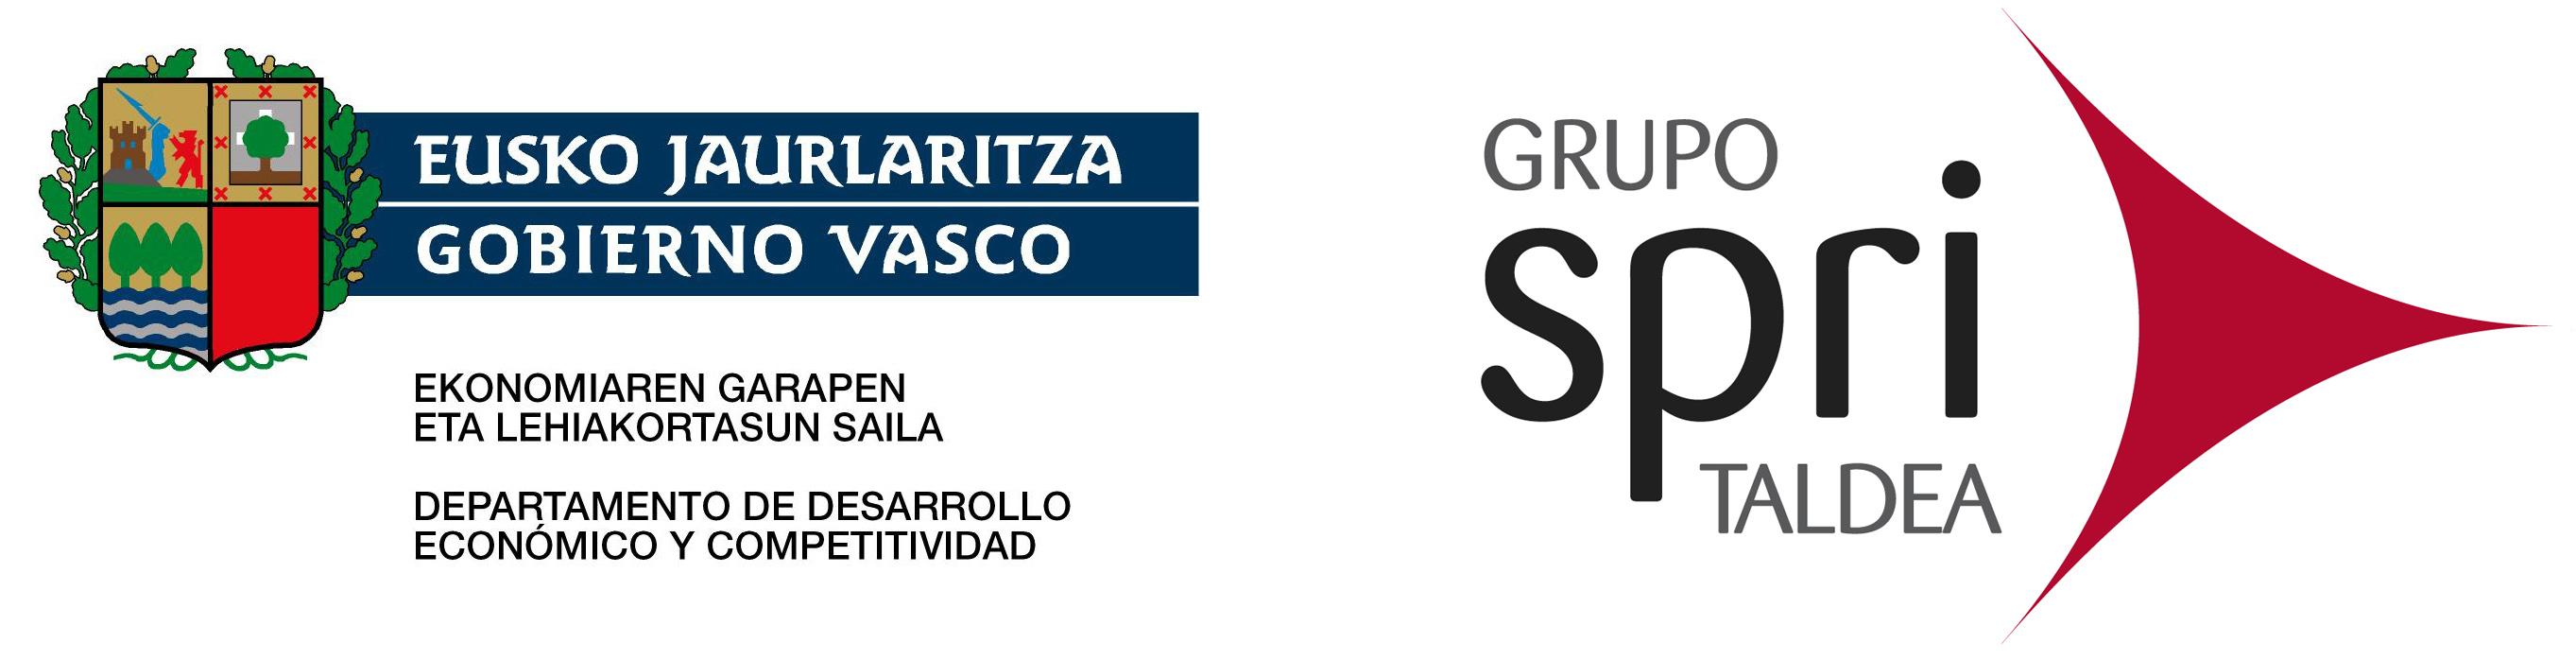 Logo del Grupo SPRI